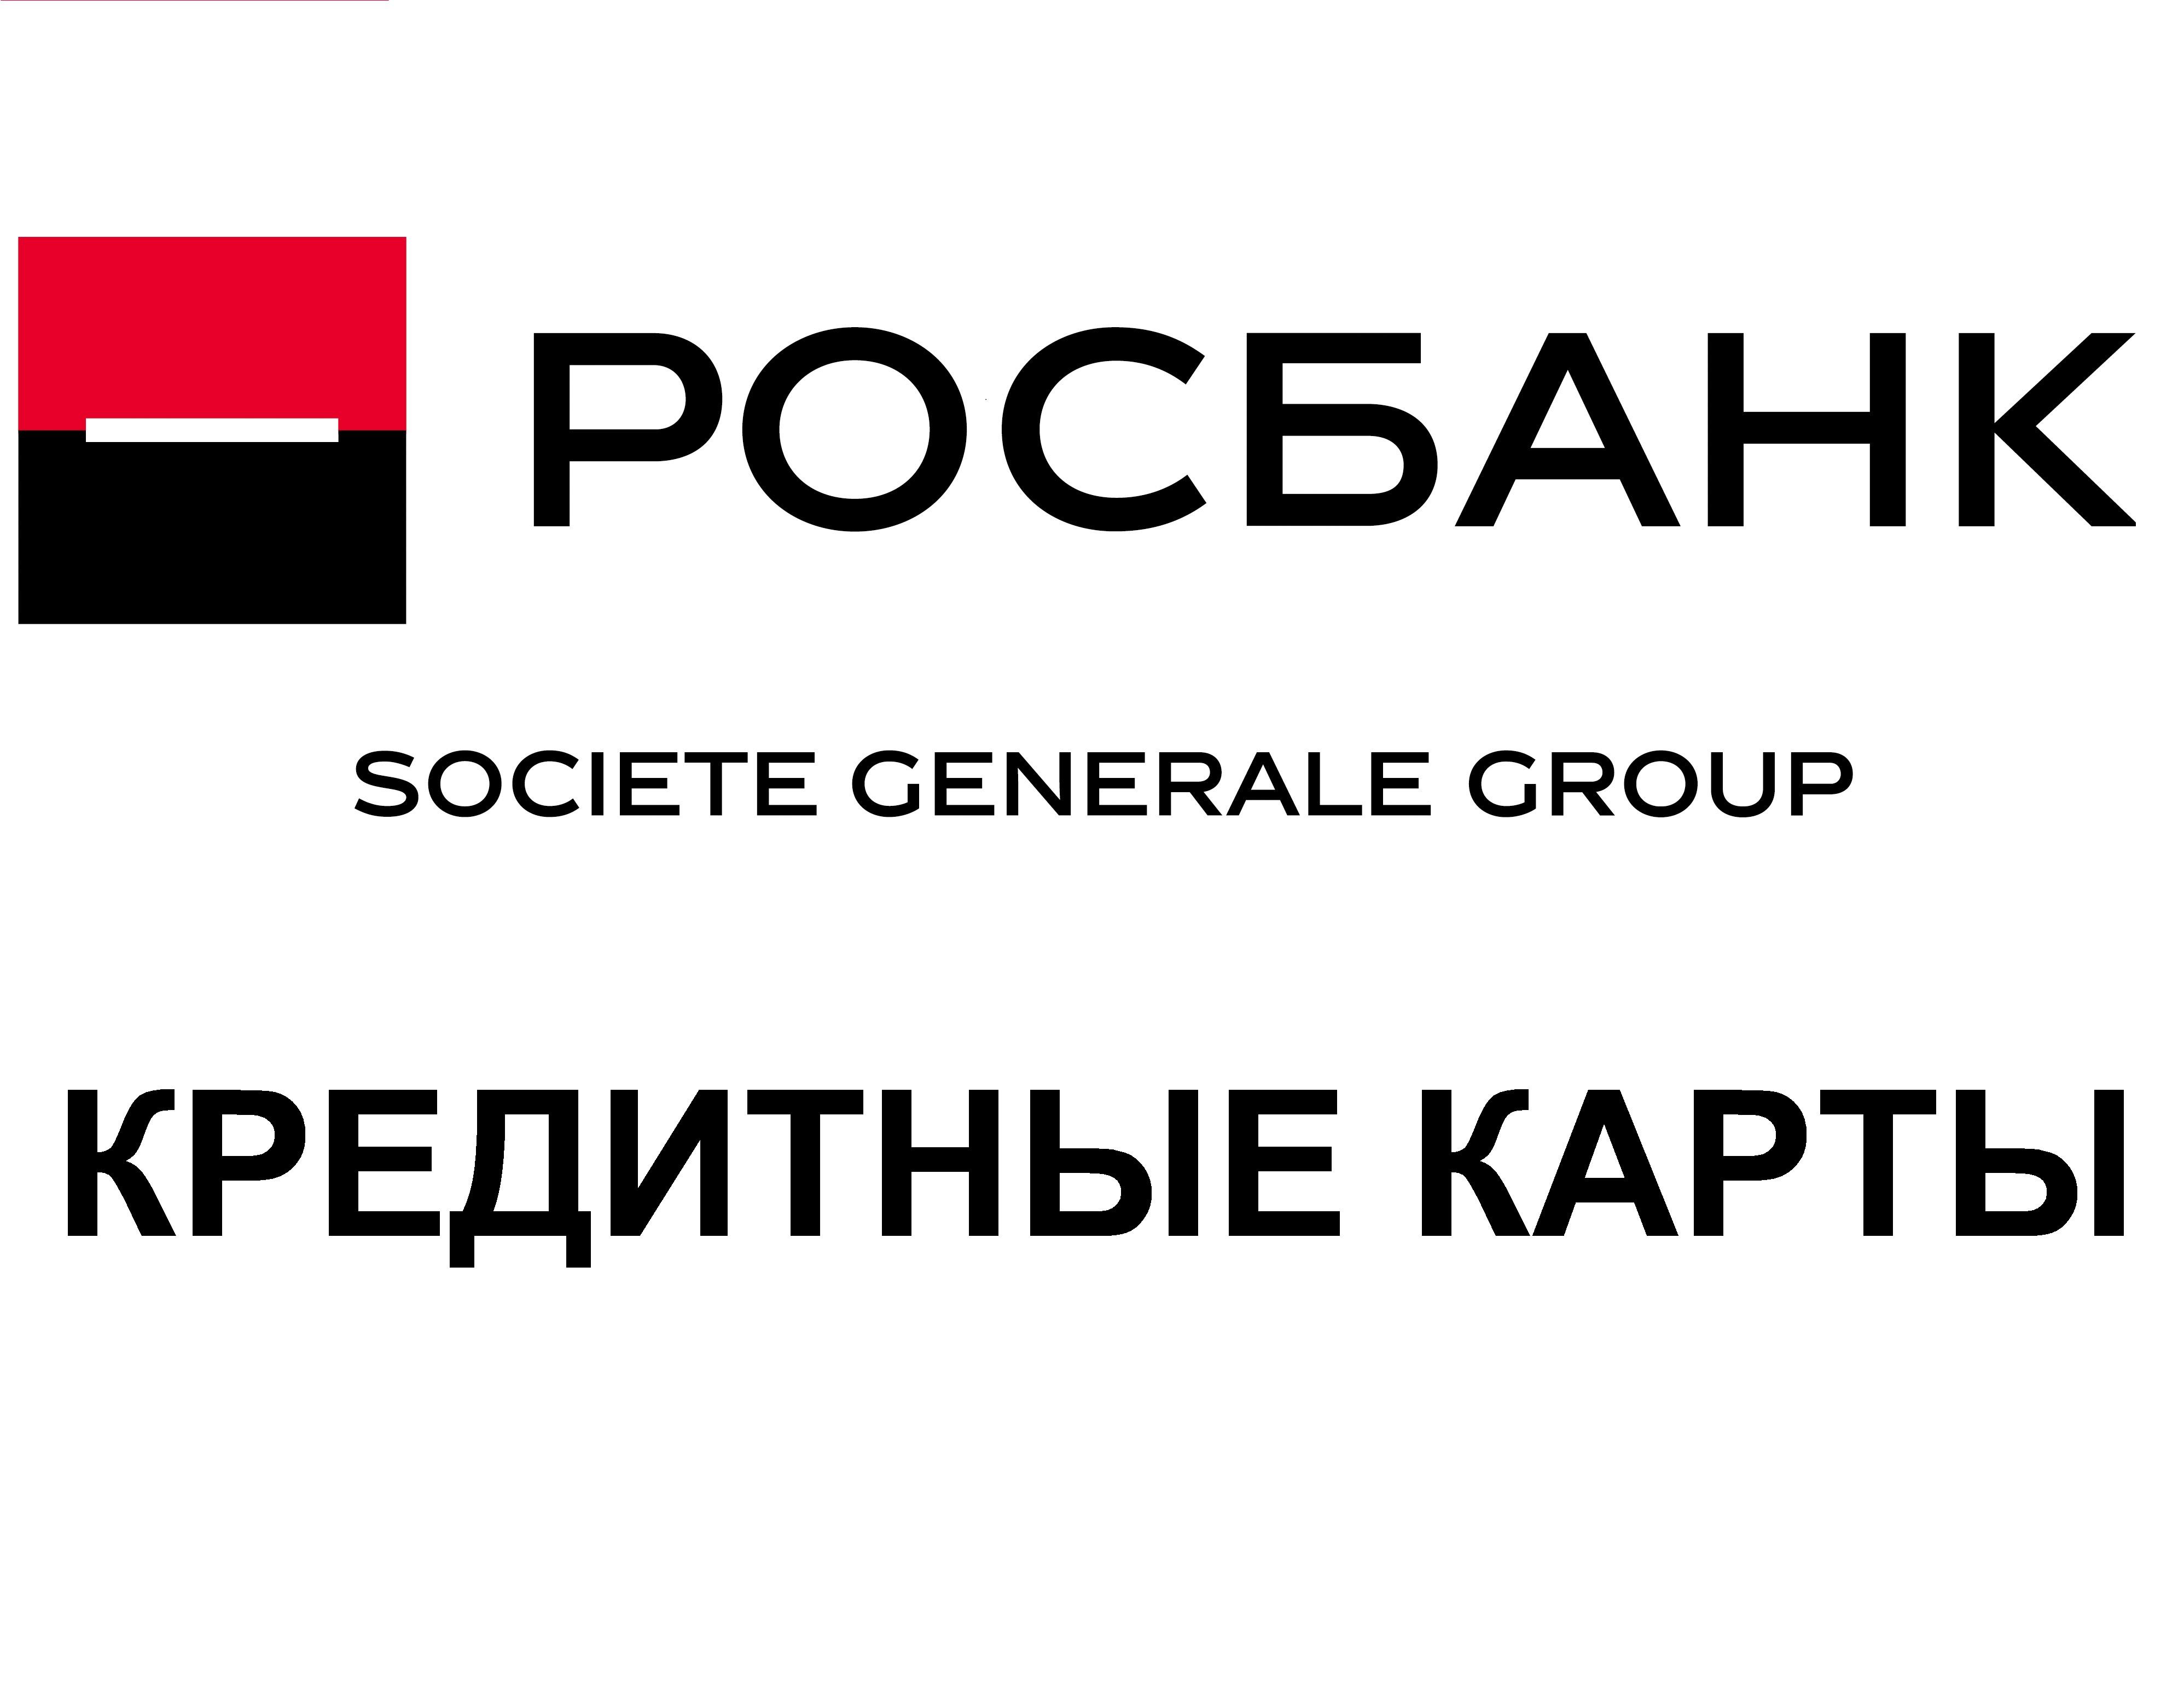 росбанк кредитные карты с льготным периодом красноярск можно прочитать текст